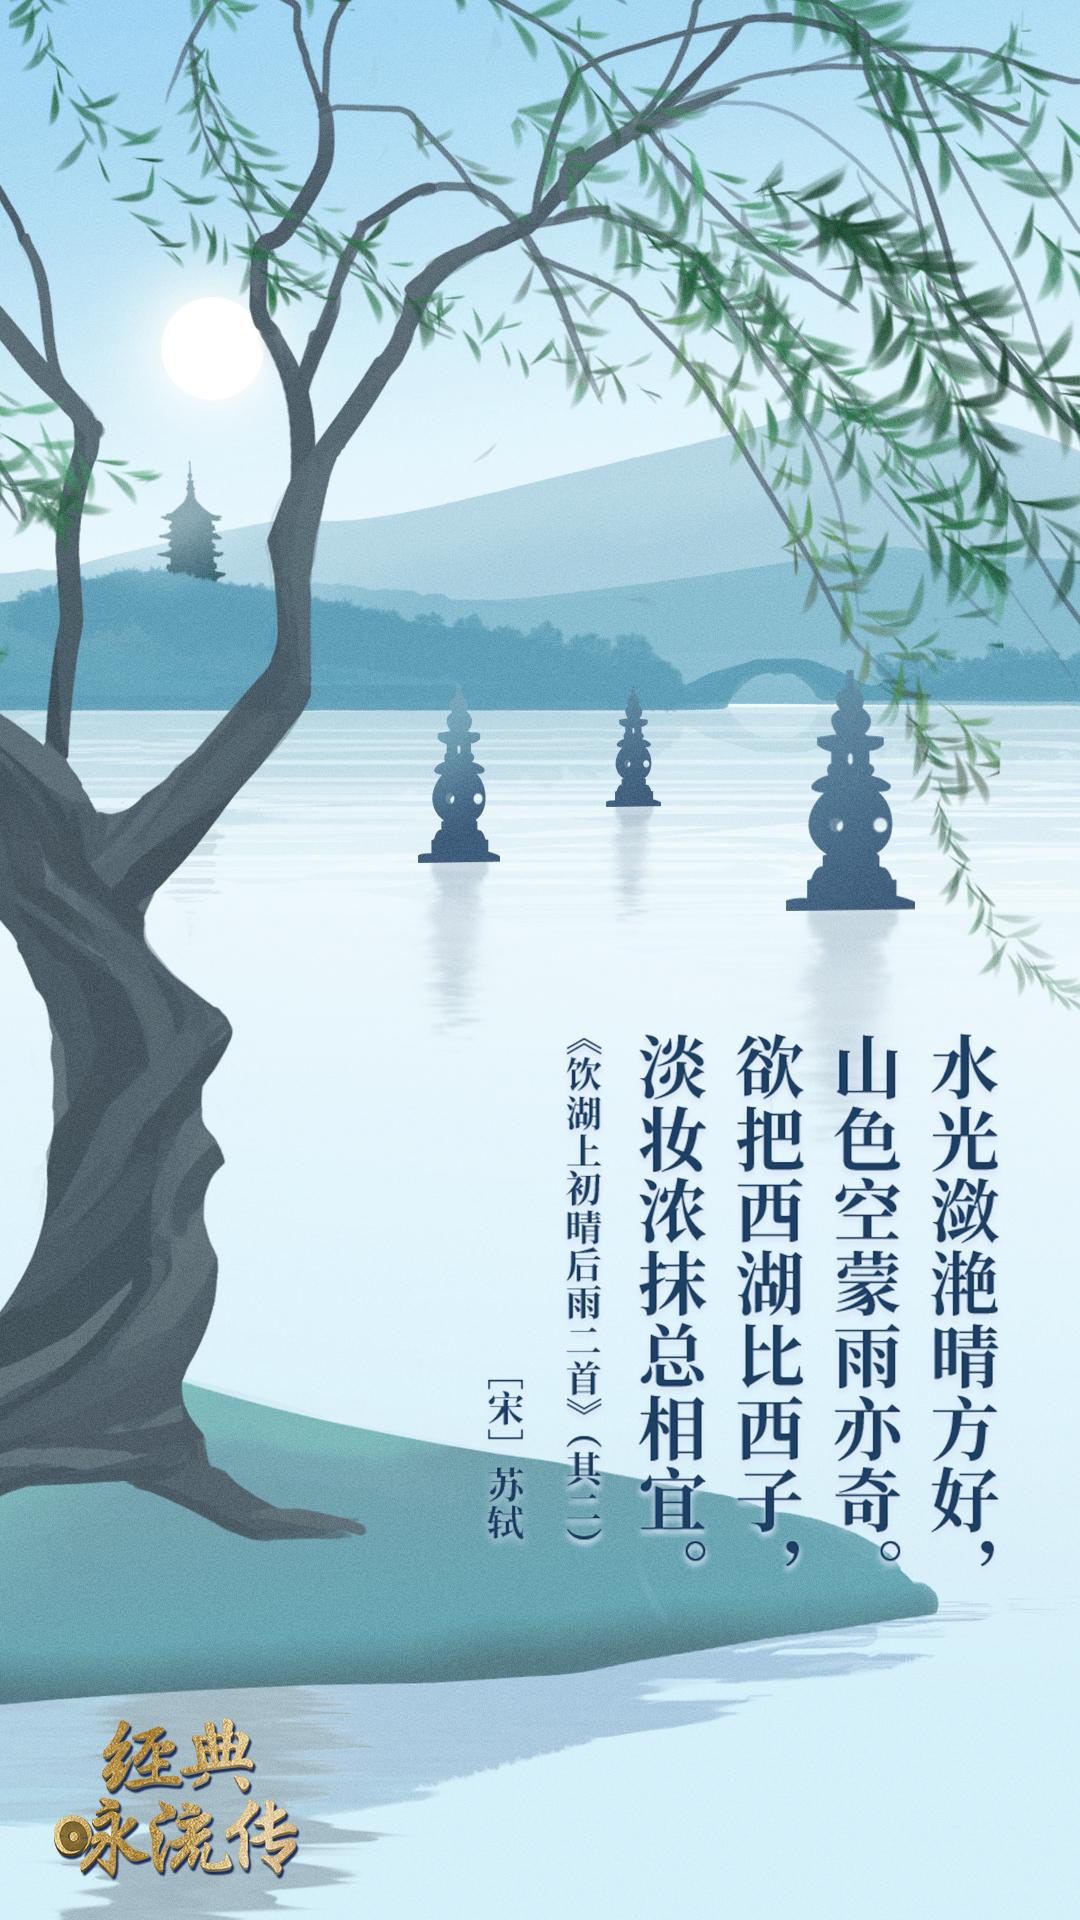 《经典咏流传》诗词意境海报合集 欣赏-第51张